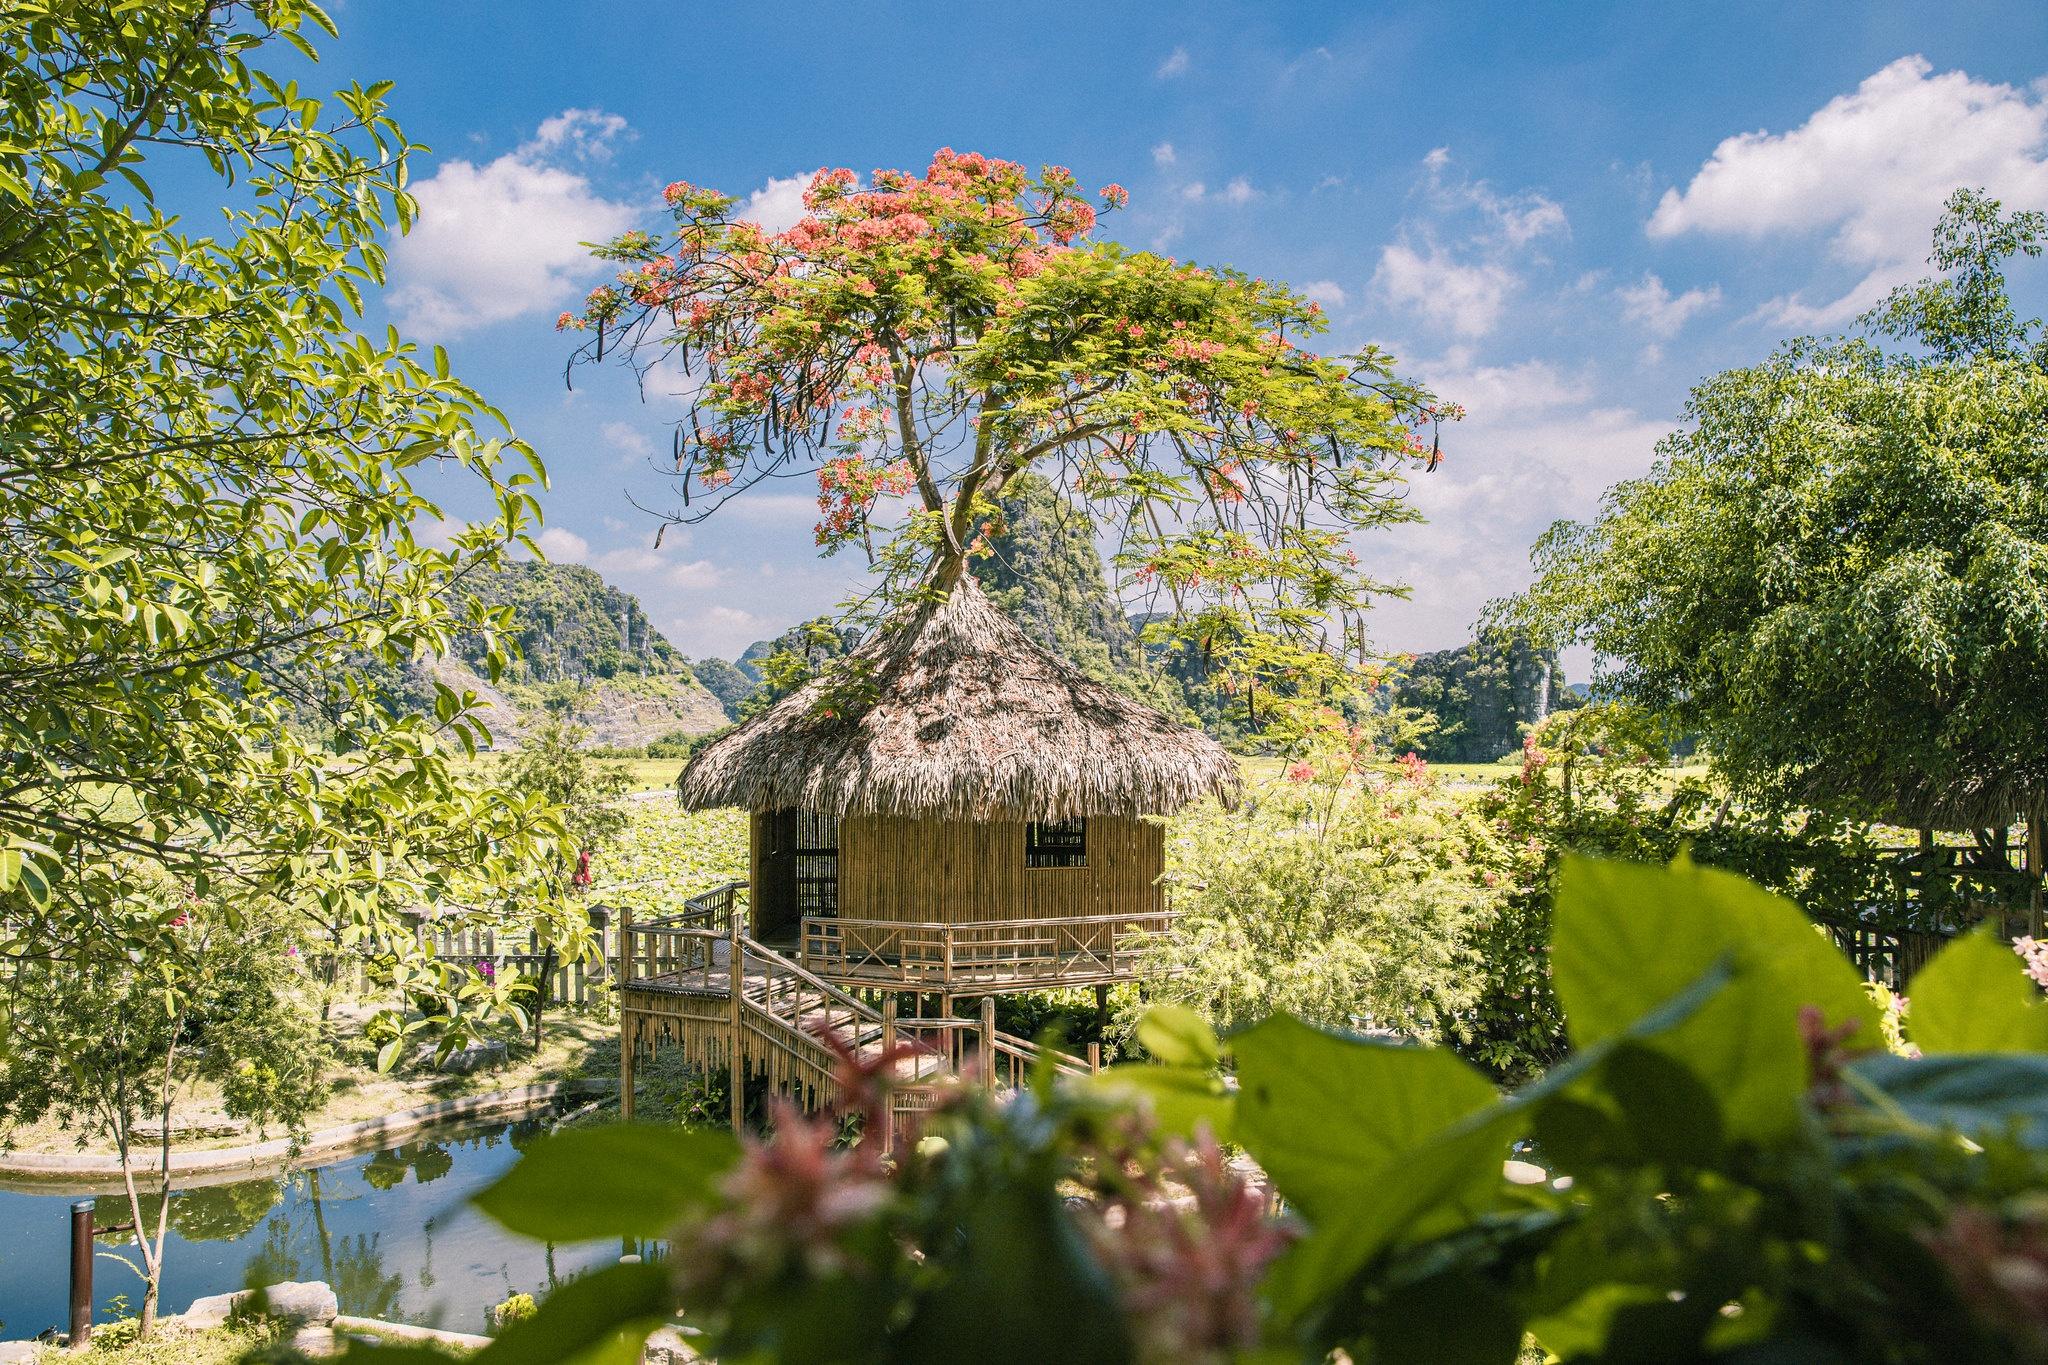 Cảnh đẹp ở cánh đồng sen Ninh Bình - Ảnh 11.